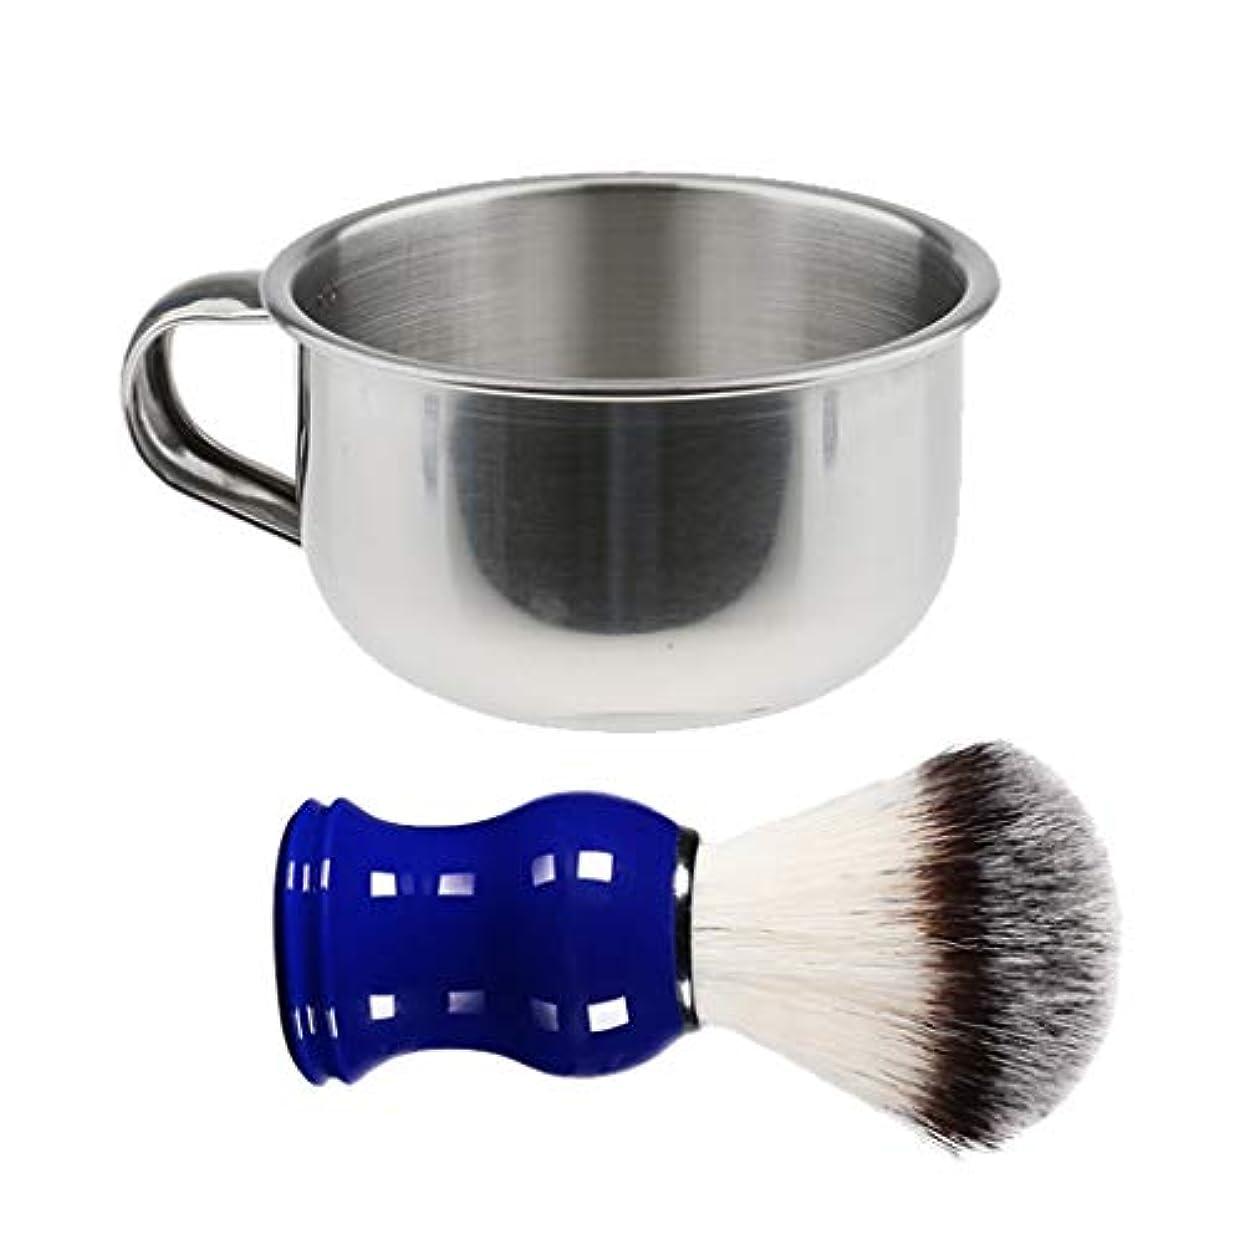 気難しい倉庫百シェービングボウル ステンレス製 シェービング用ブラシ 理容 洗顔 髭剃り メンズ アクセサリー